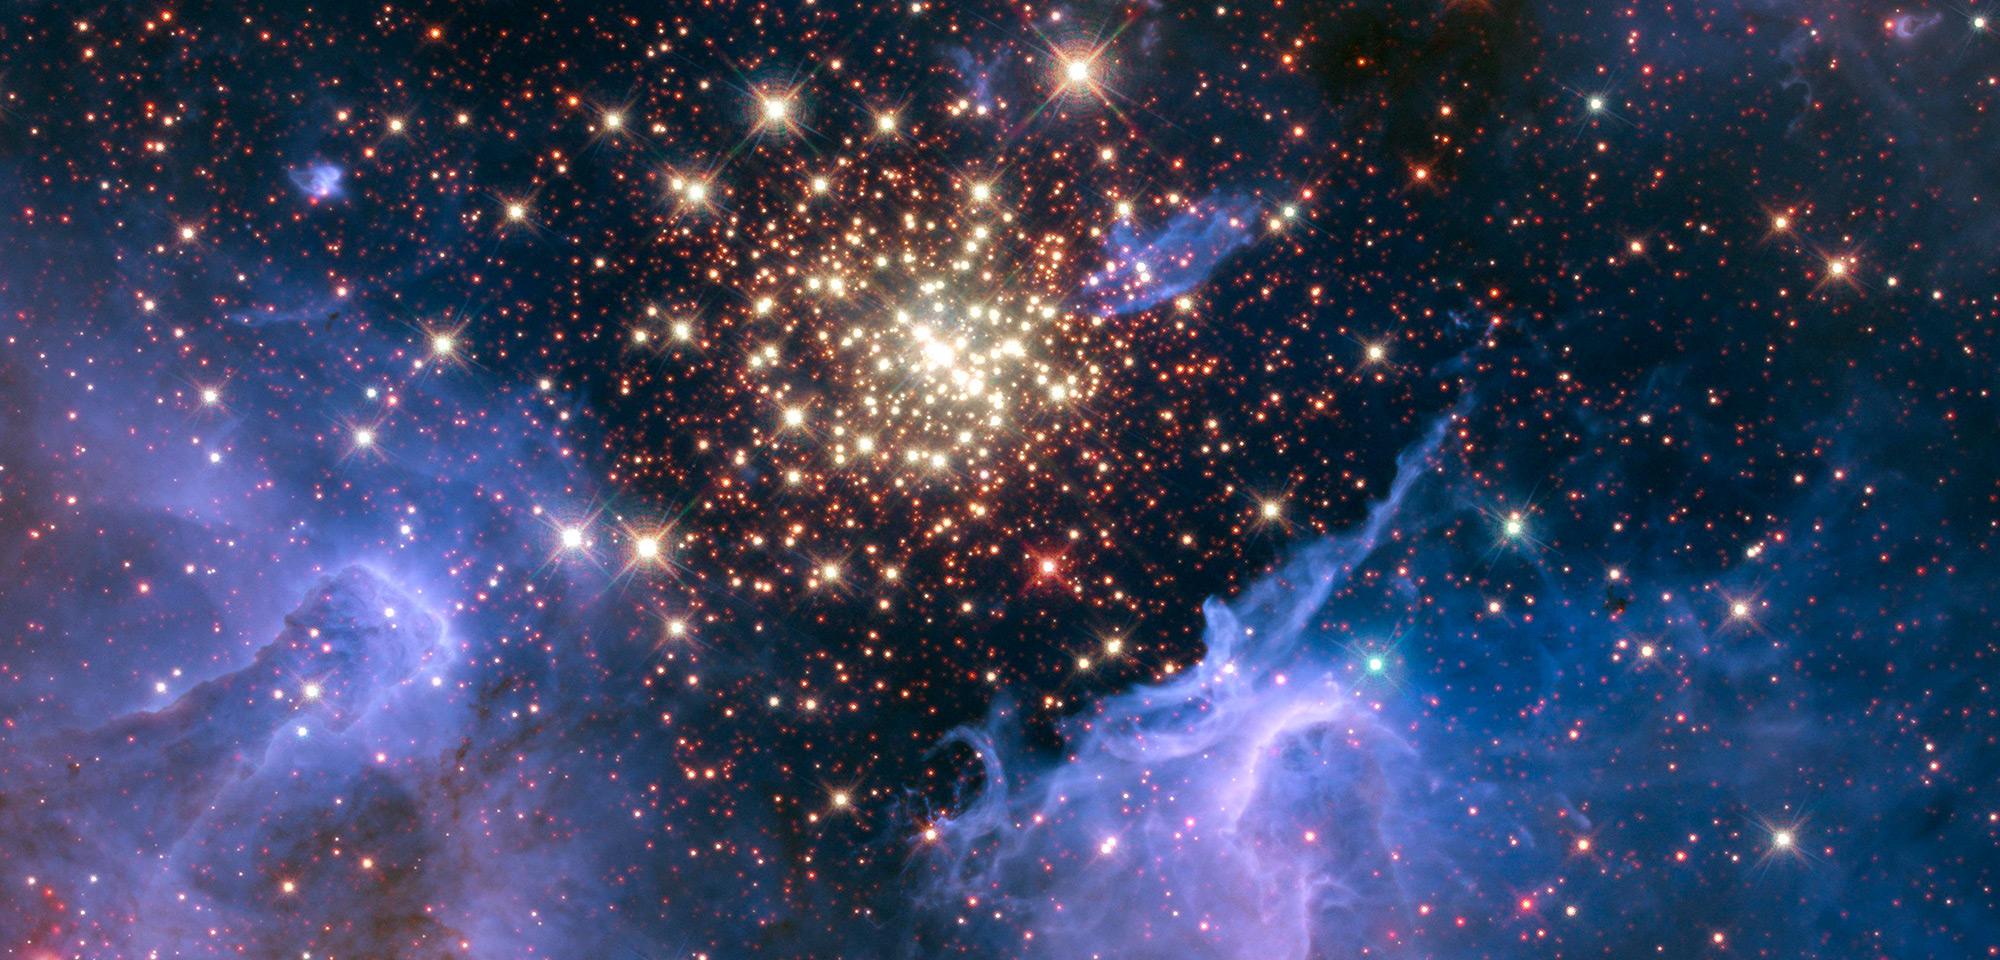 Burst of Celestial Fireworks